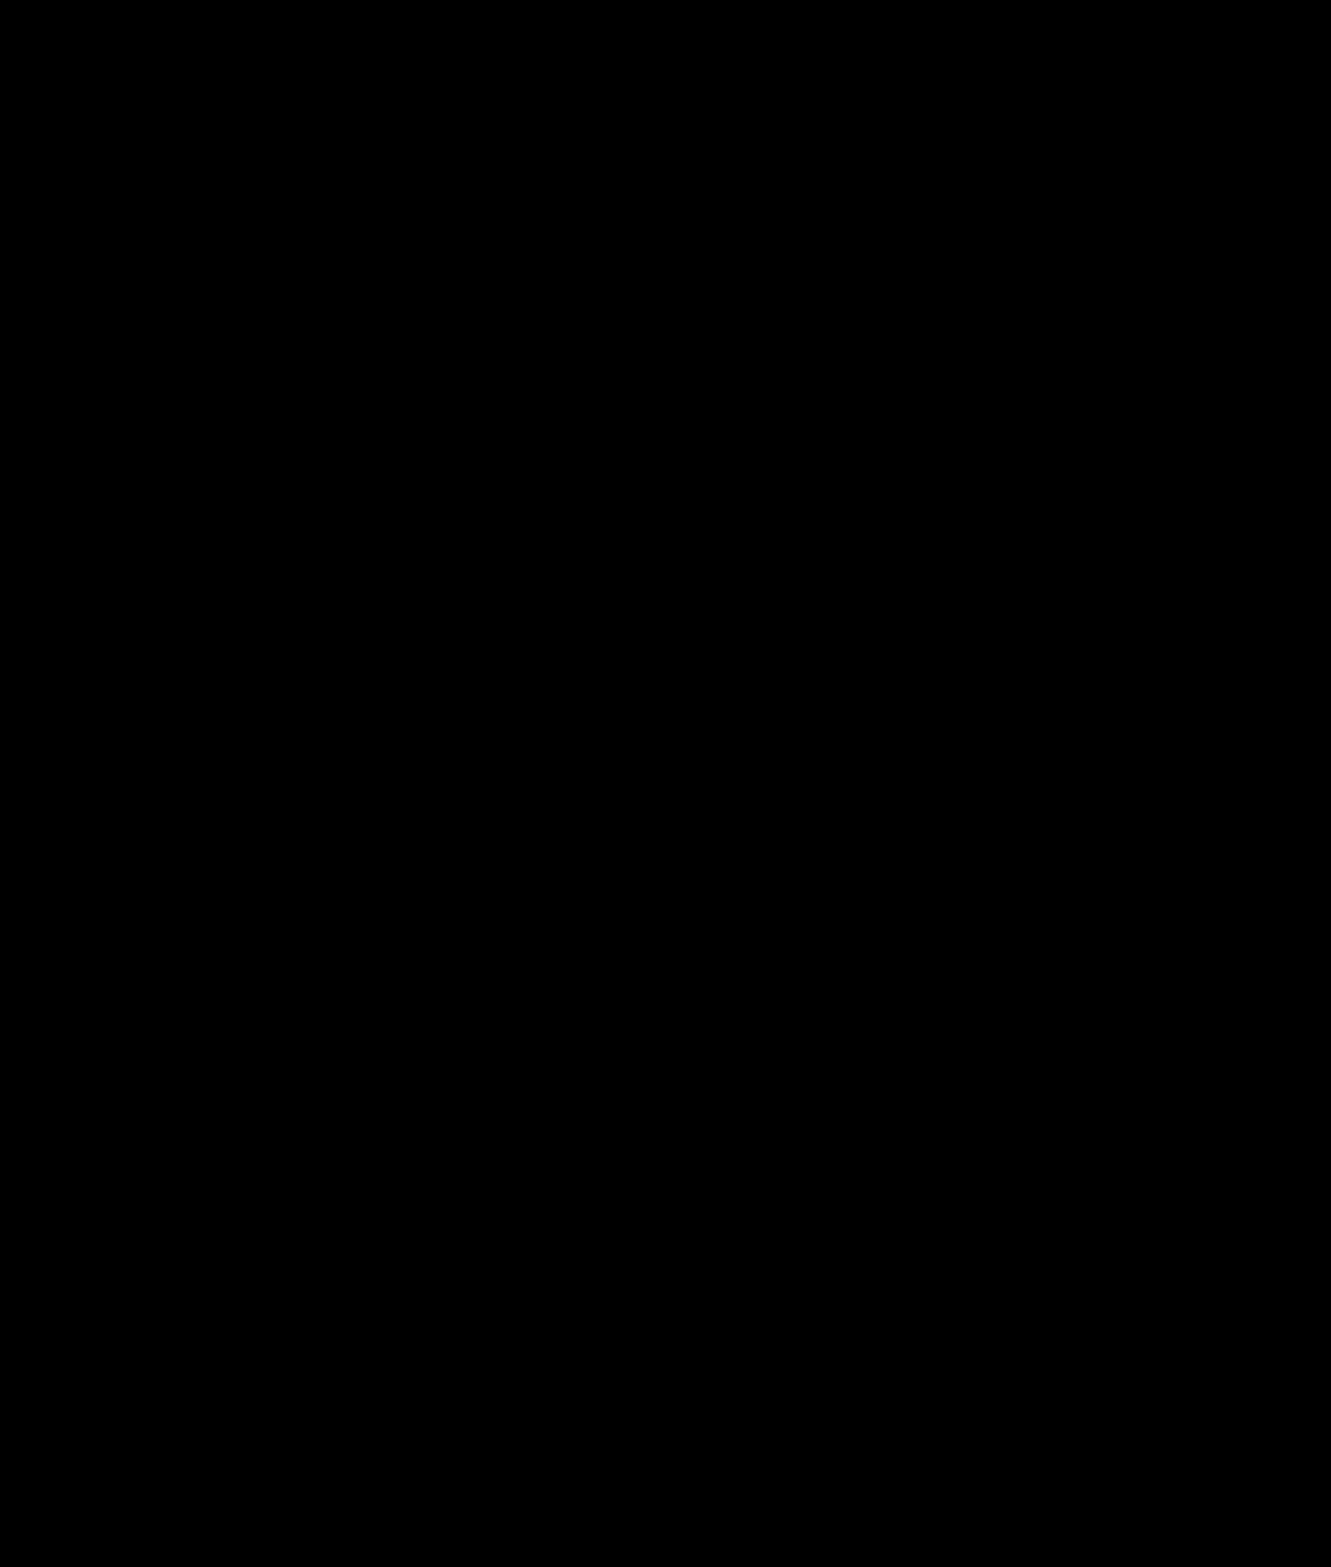 硫化铜精矿湿法冶金的生产和经济效益